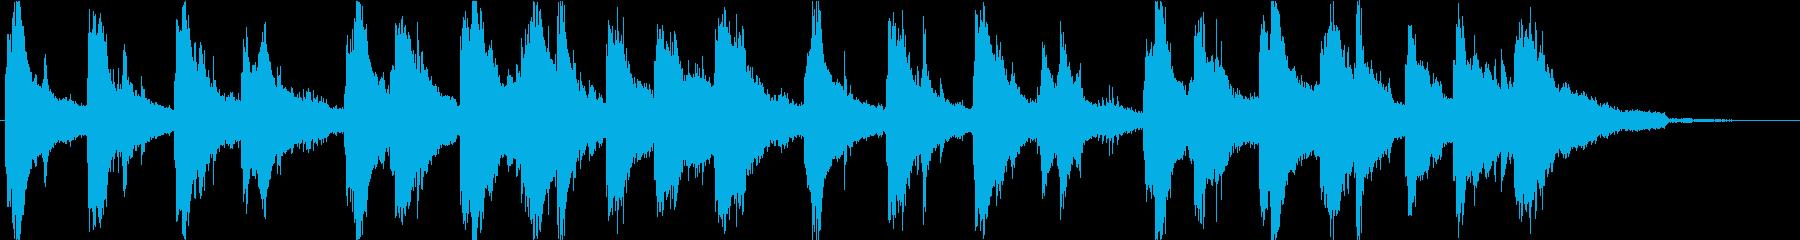 きらめくような感動的なピアノソロ楽曲の再生済みの波形